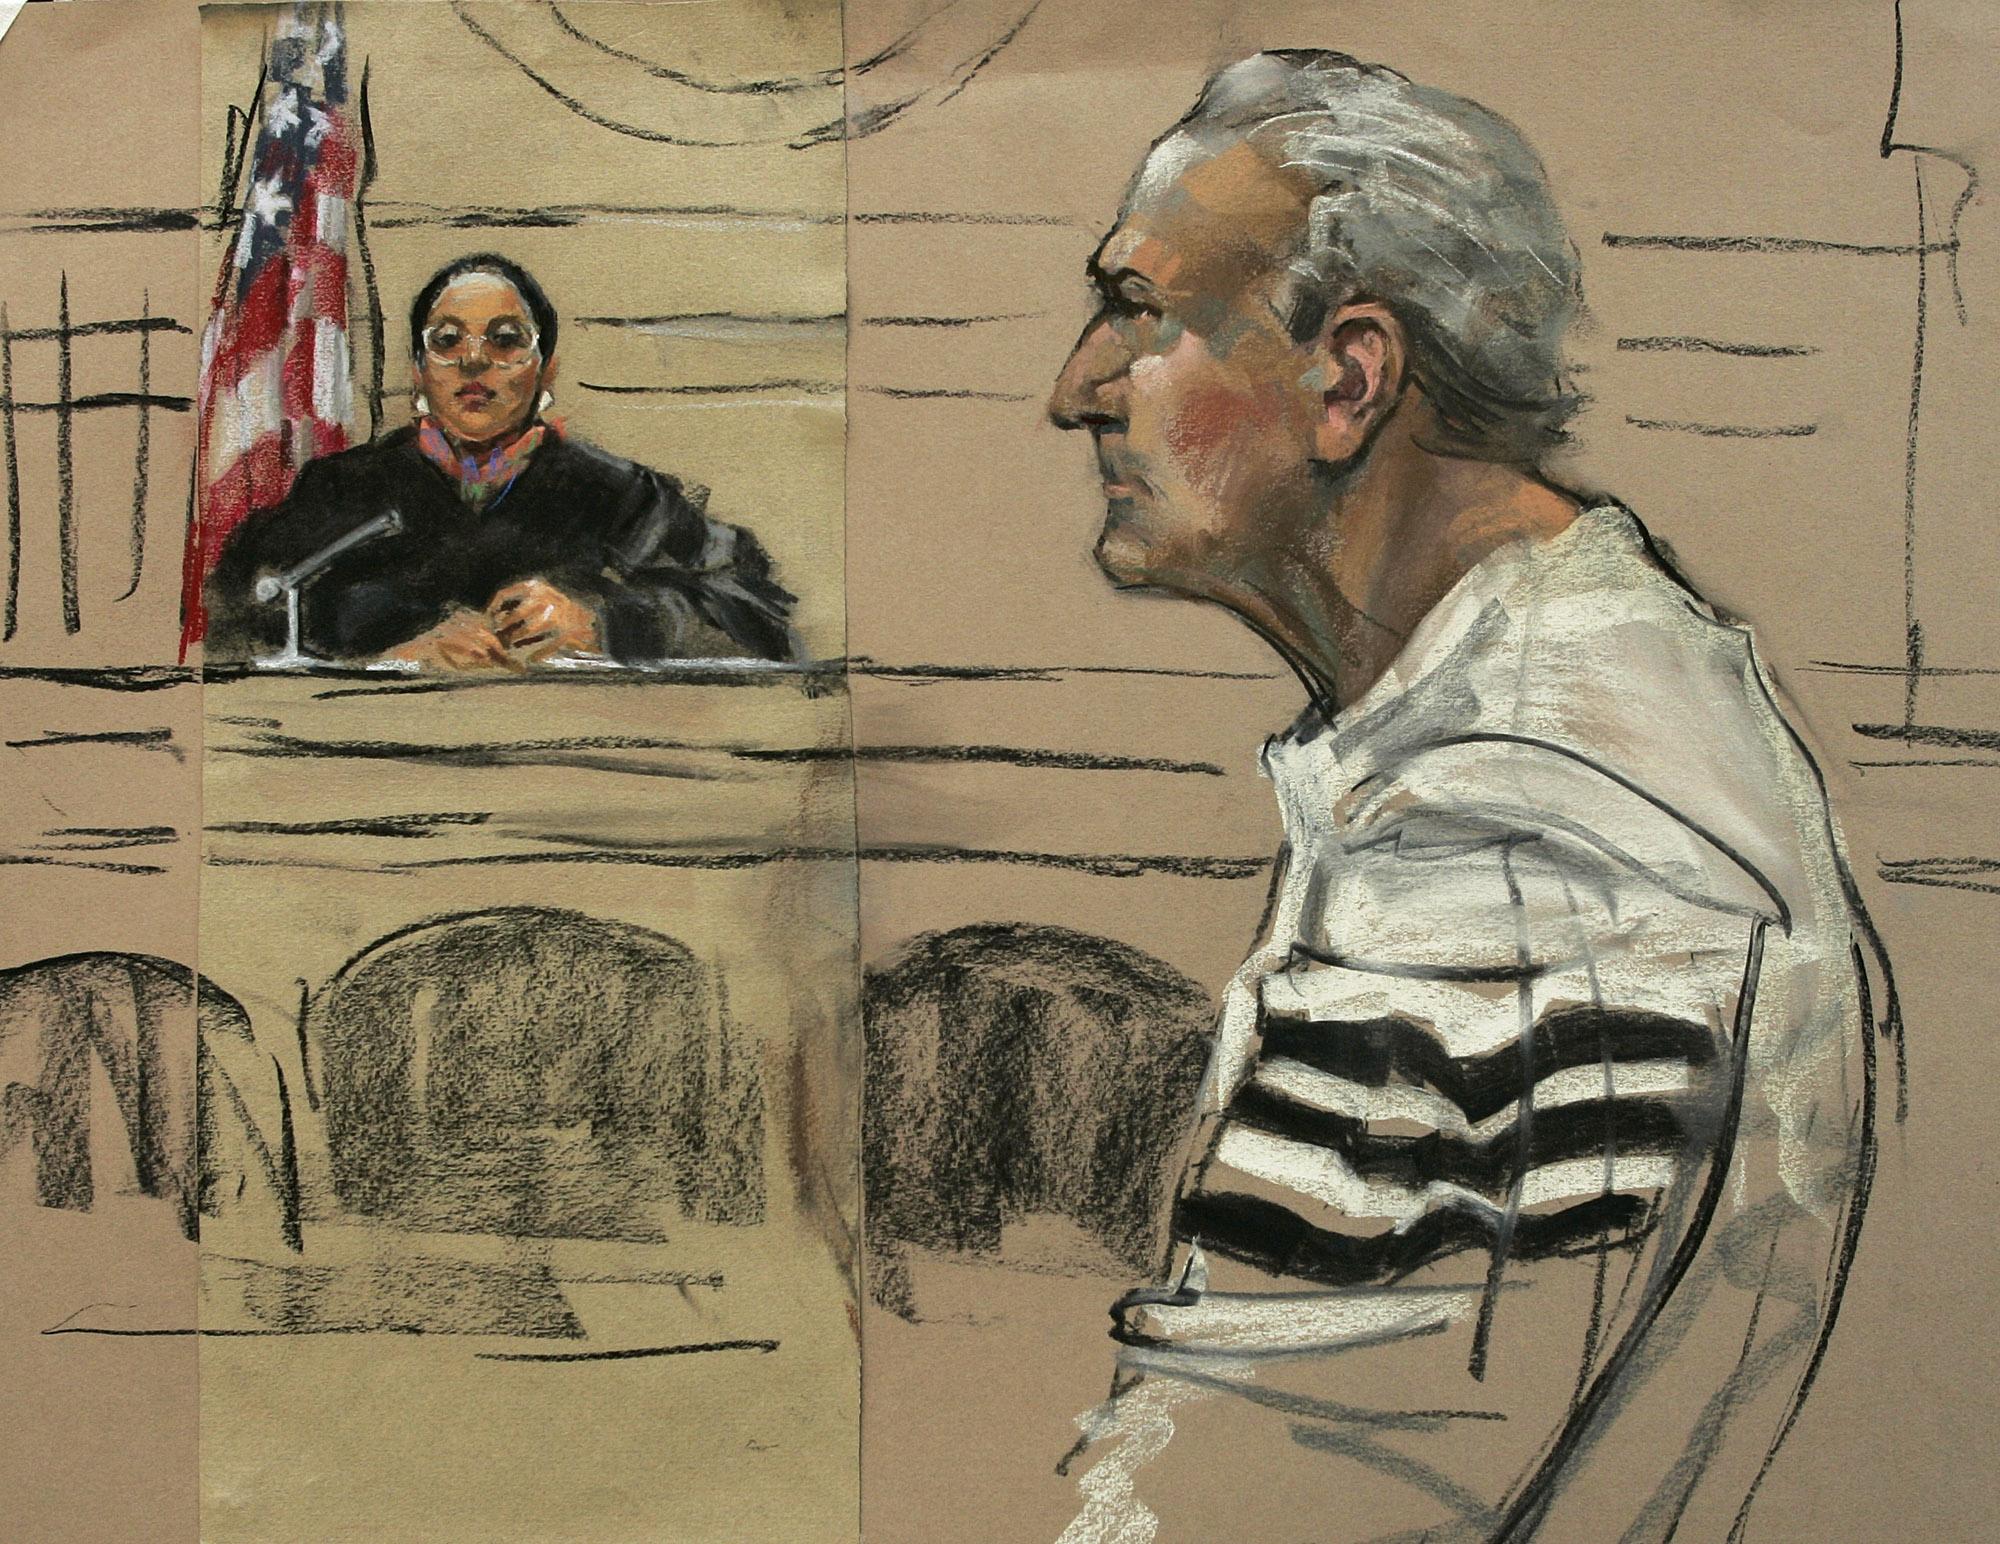 Sminkmester segít elváltoztatni a bostoni maffiaper tanúinak külsejét